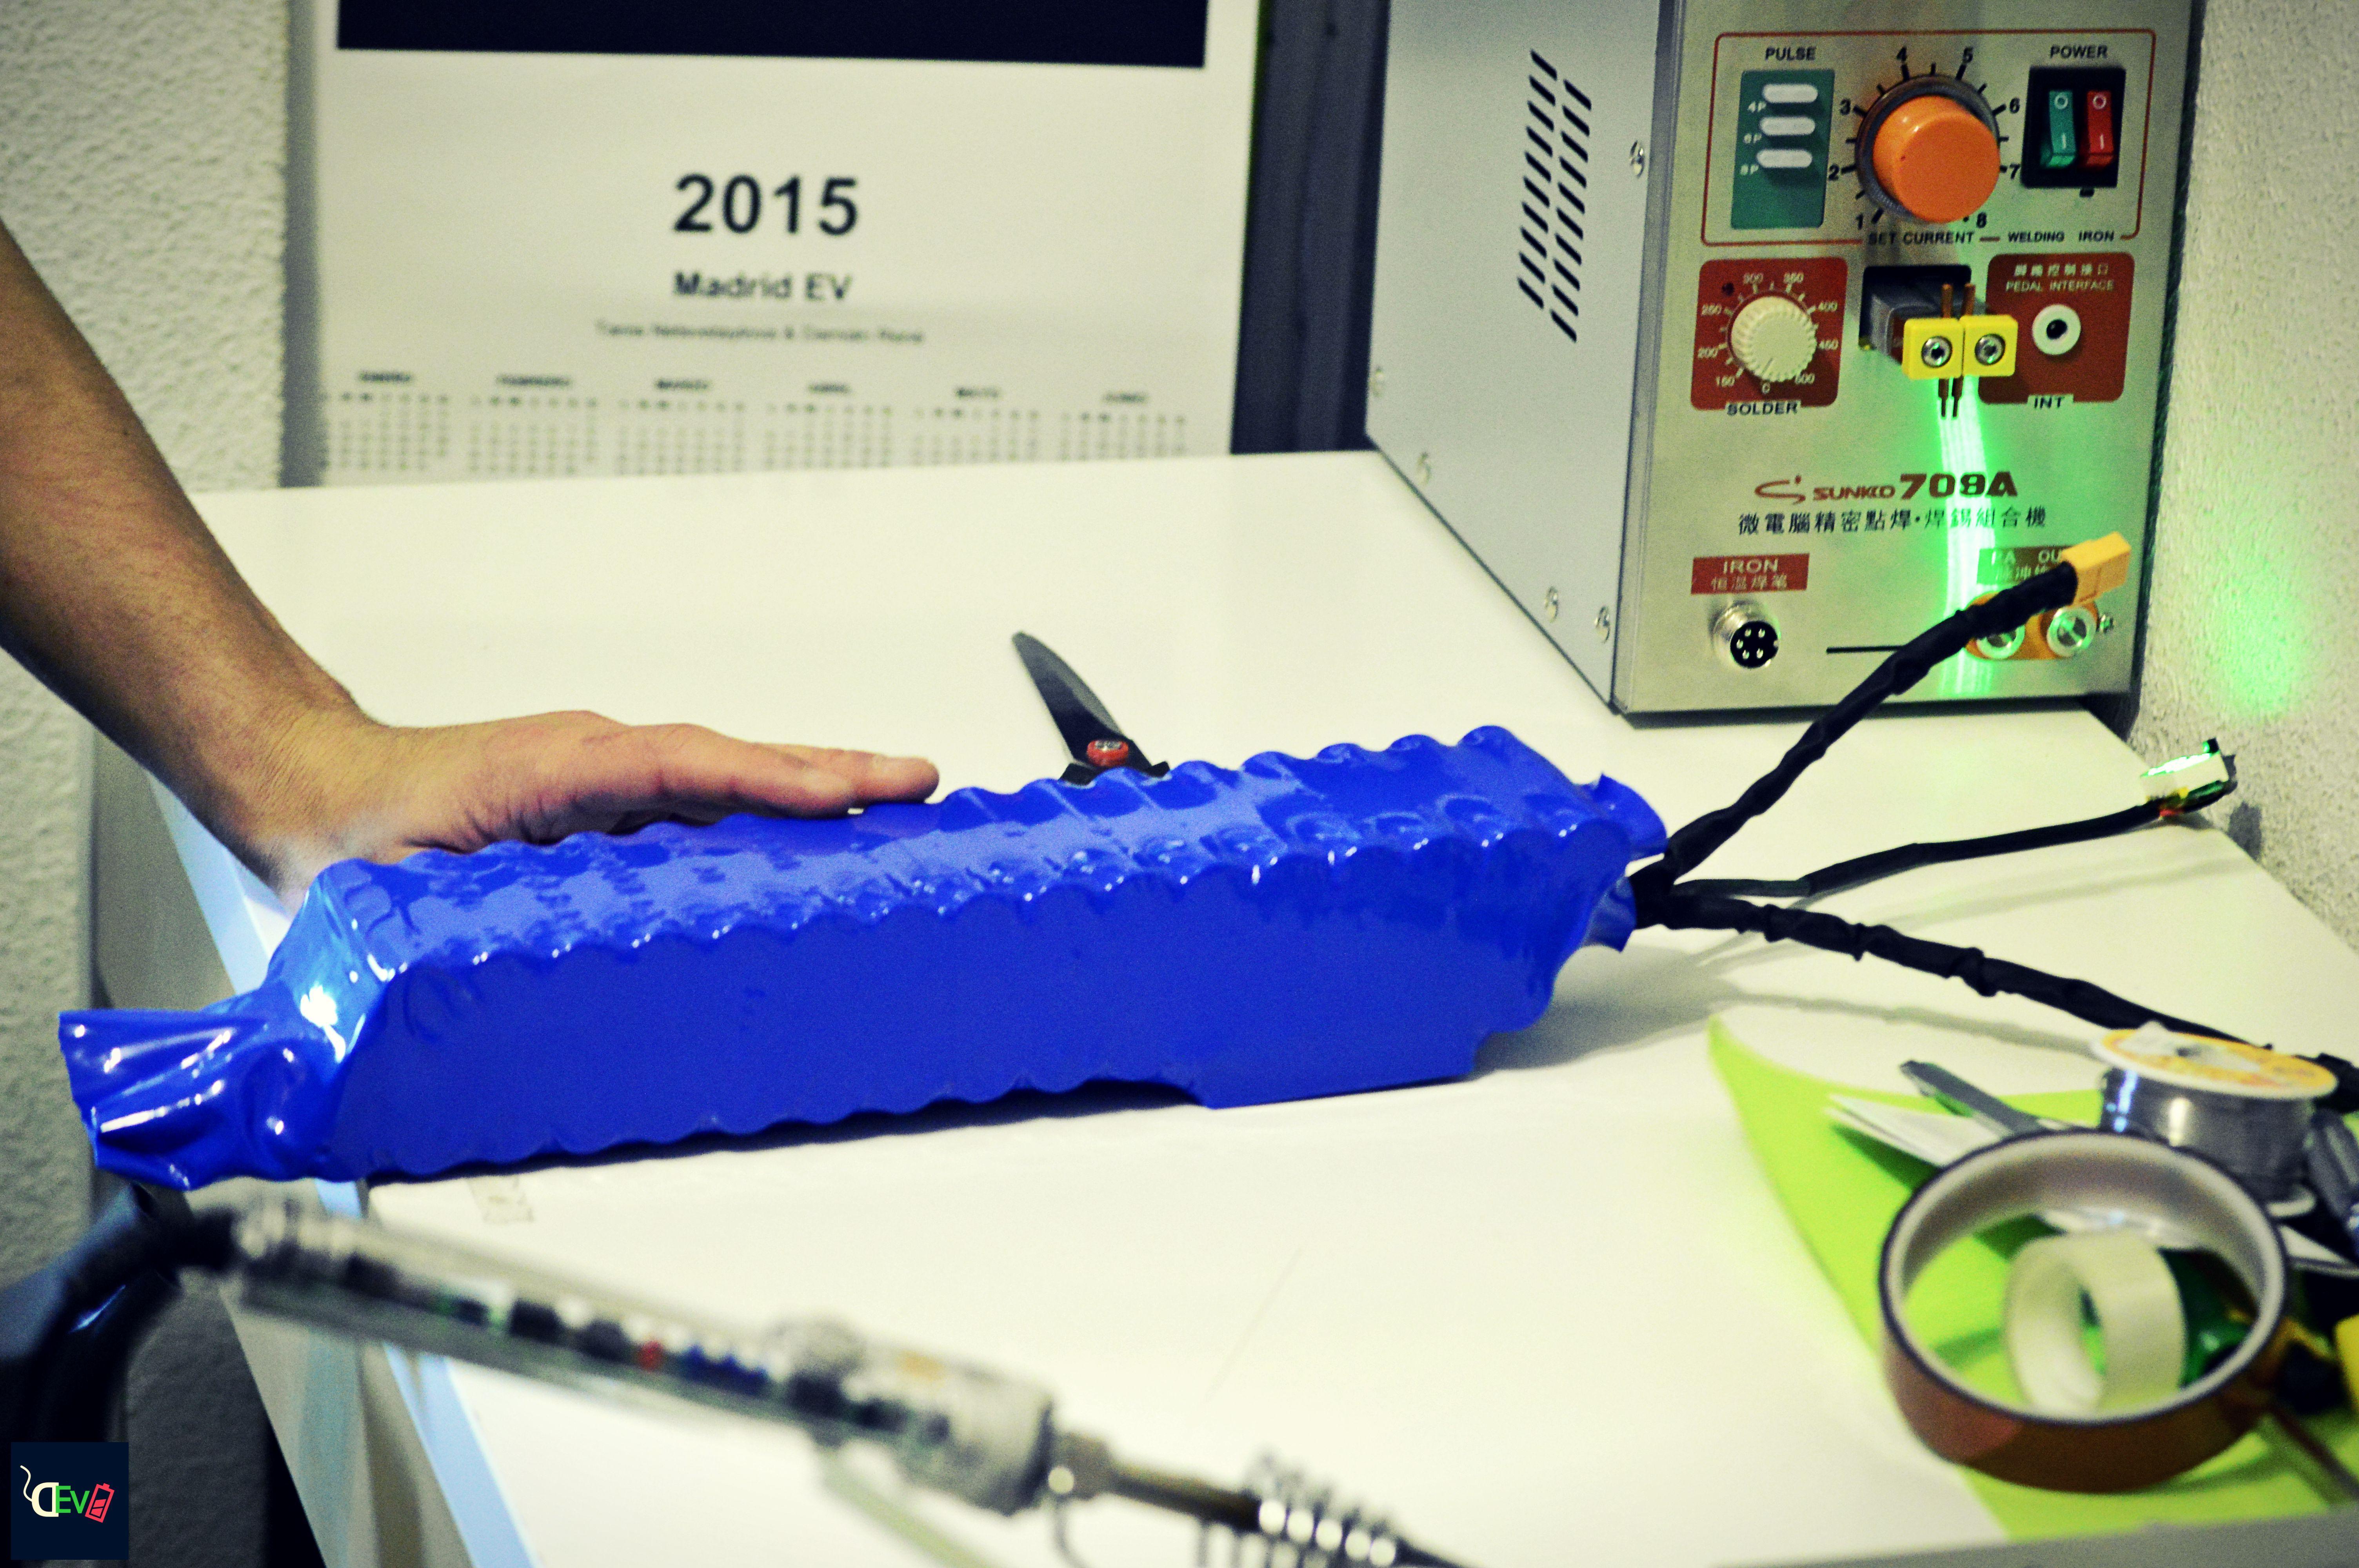 Shrink wrapping 60V 8 7Ah custom battery pack #ebike #battery